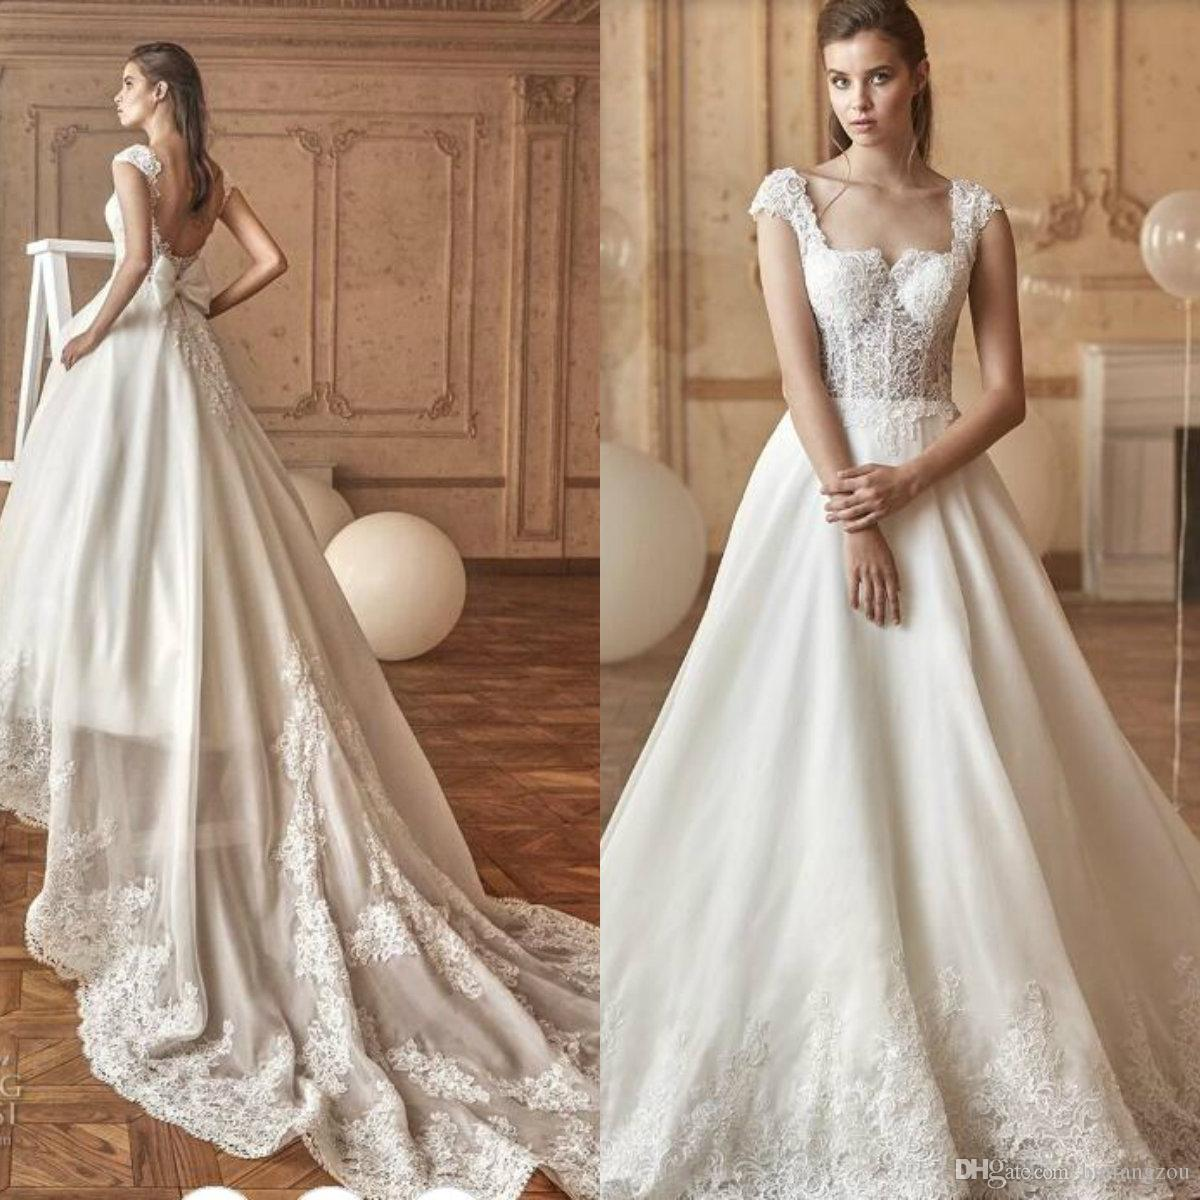 Vestido de boda de la princesa de la vendimia Ilusión blusa de encaje deshuesado expuesto Apliques Bow Backless vestidos de novia barrer vestidos de boda del tren